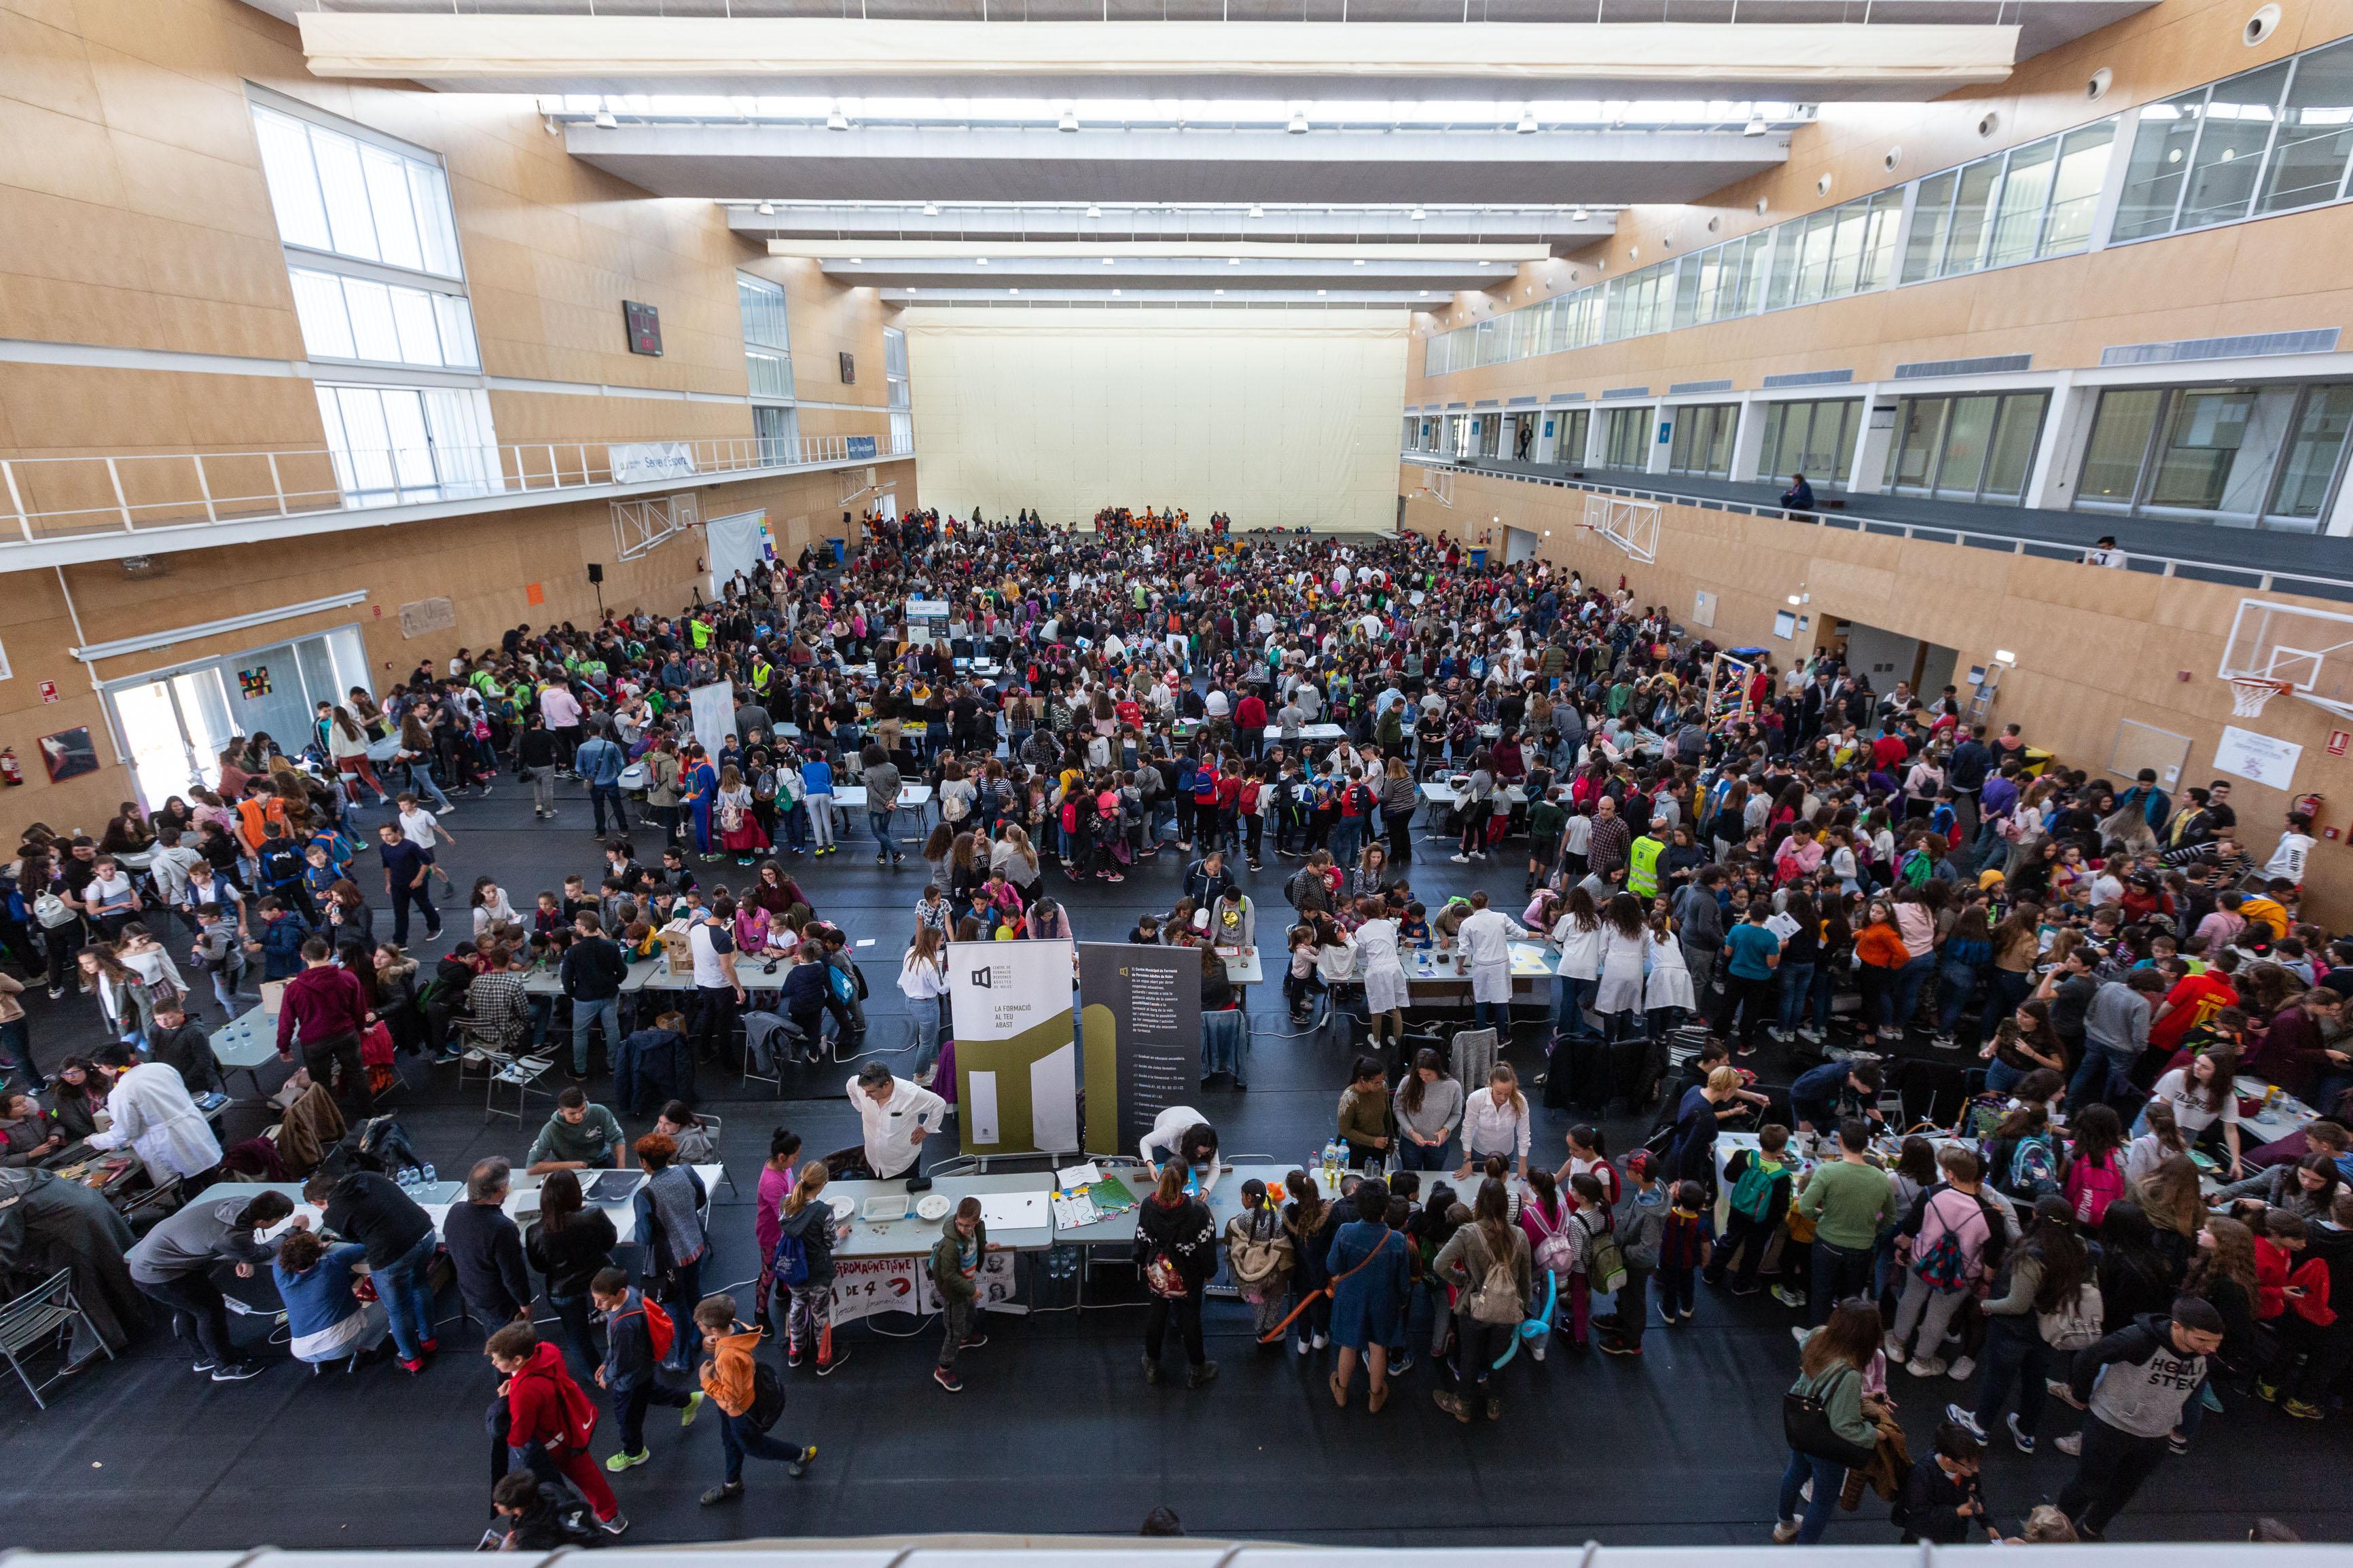 Imagen destacada Firujiciència reúne a 3.000 escolares que contactaron con la ciencia en 75 talleres